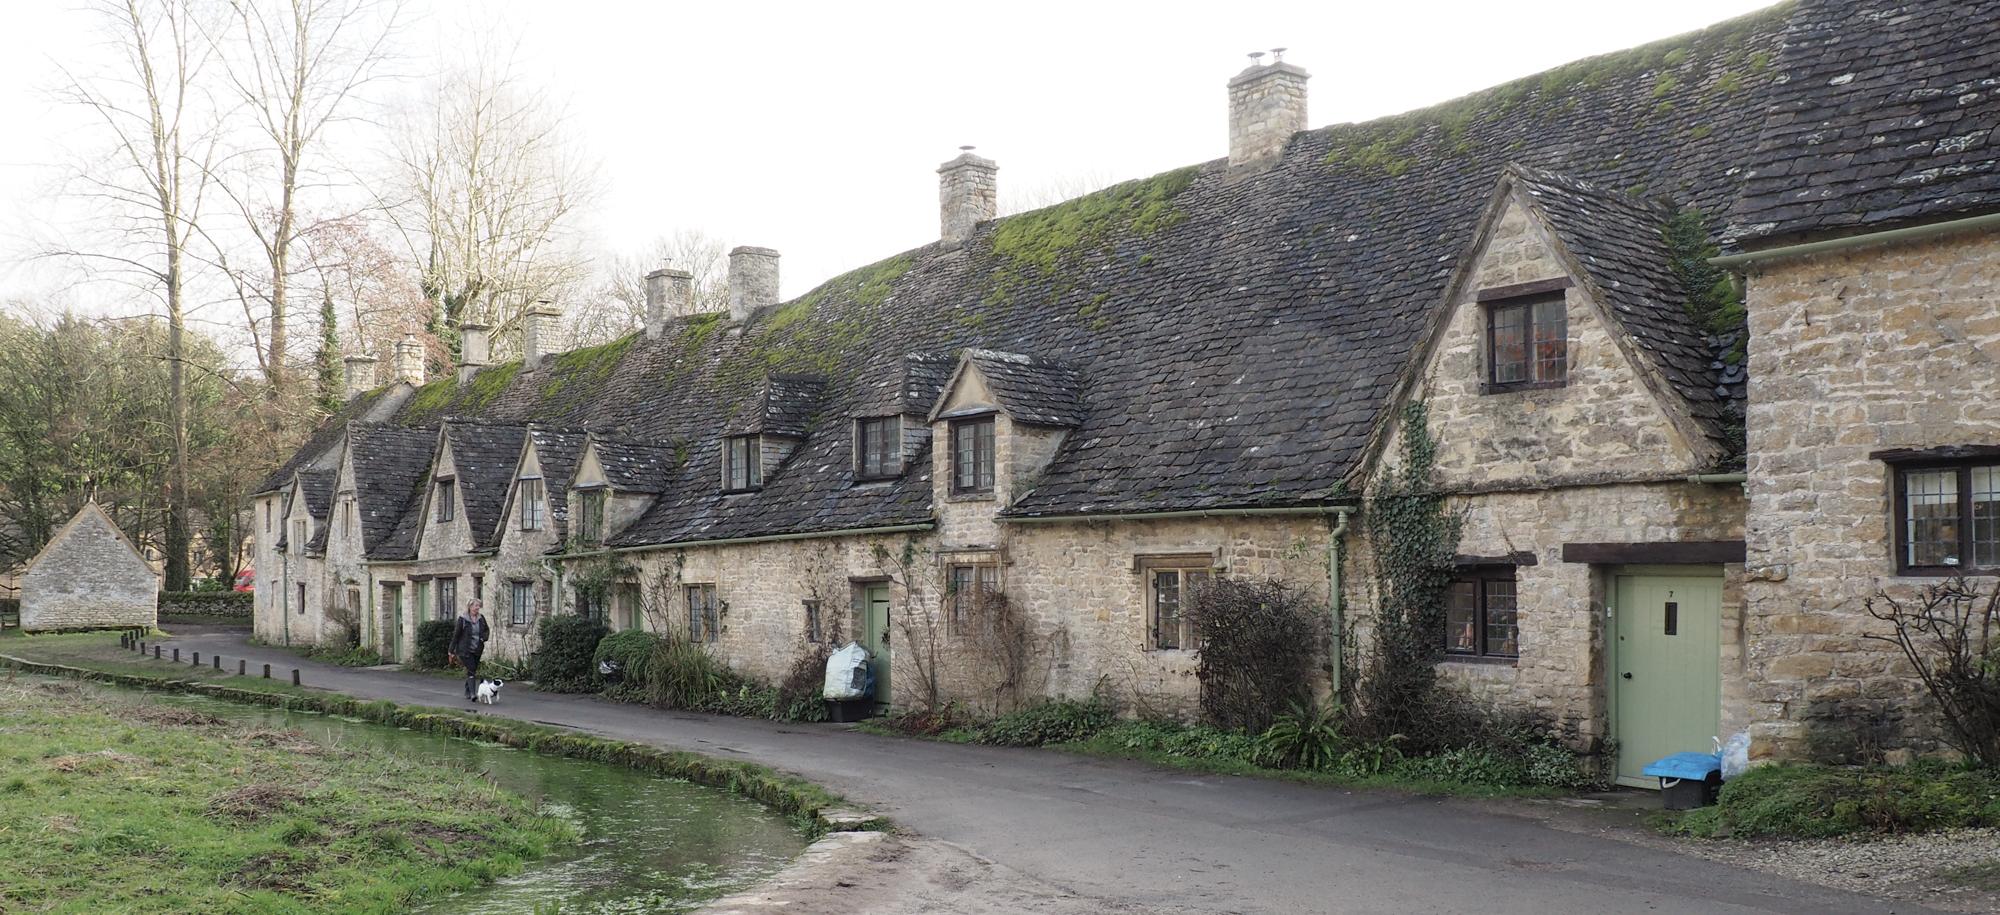 Cotswolds Villages Bibury Arlington Row